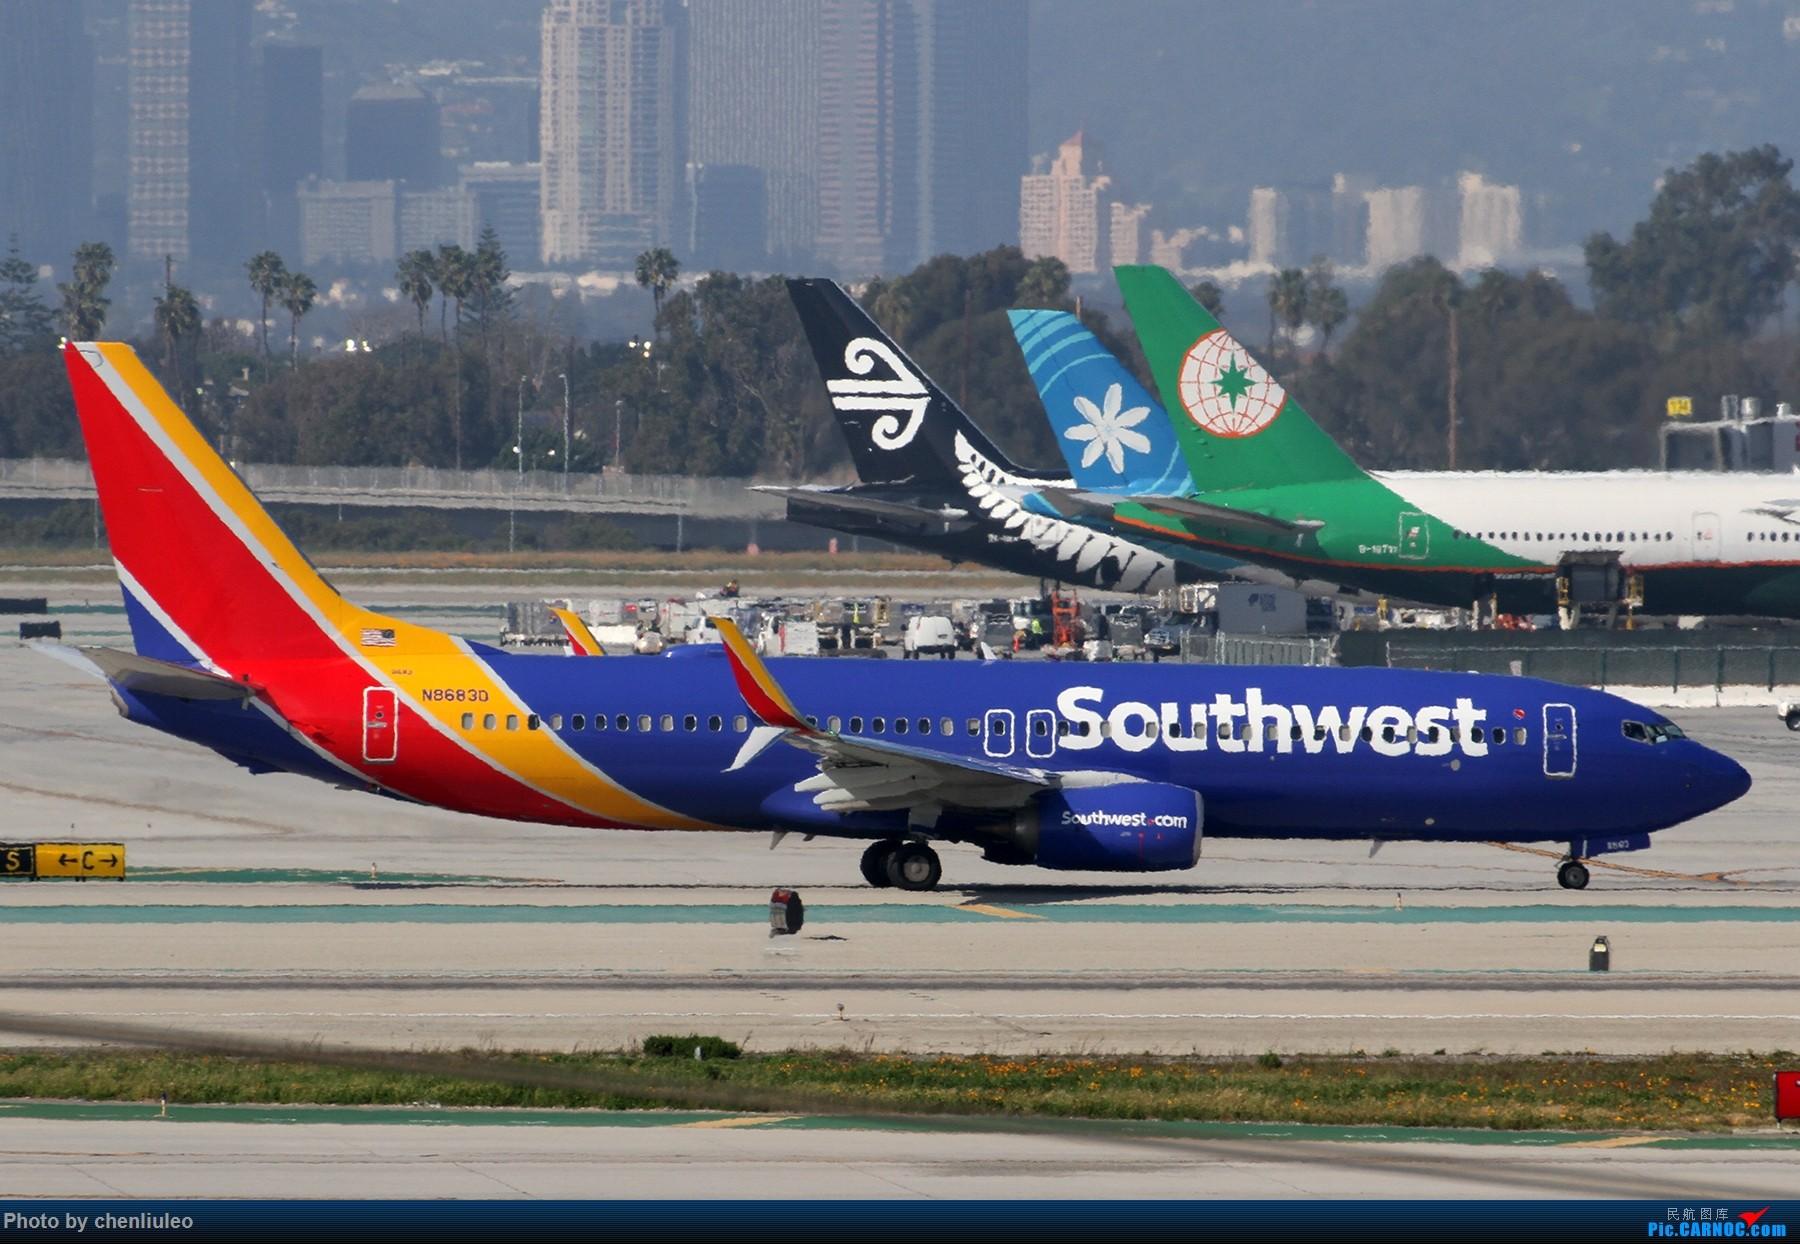 Re:[原创]【北美飞友会】全日空星球大战BB-8黄昏中降落LAX 以及一些杂图 BOEING 737-800 N8683D 美国洛杉矶机场